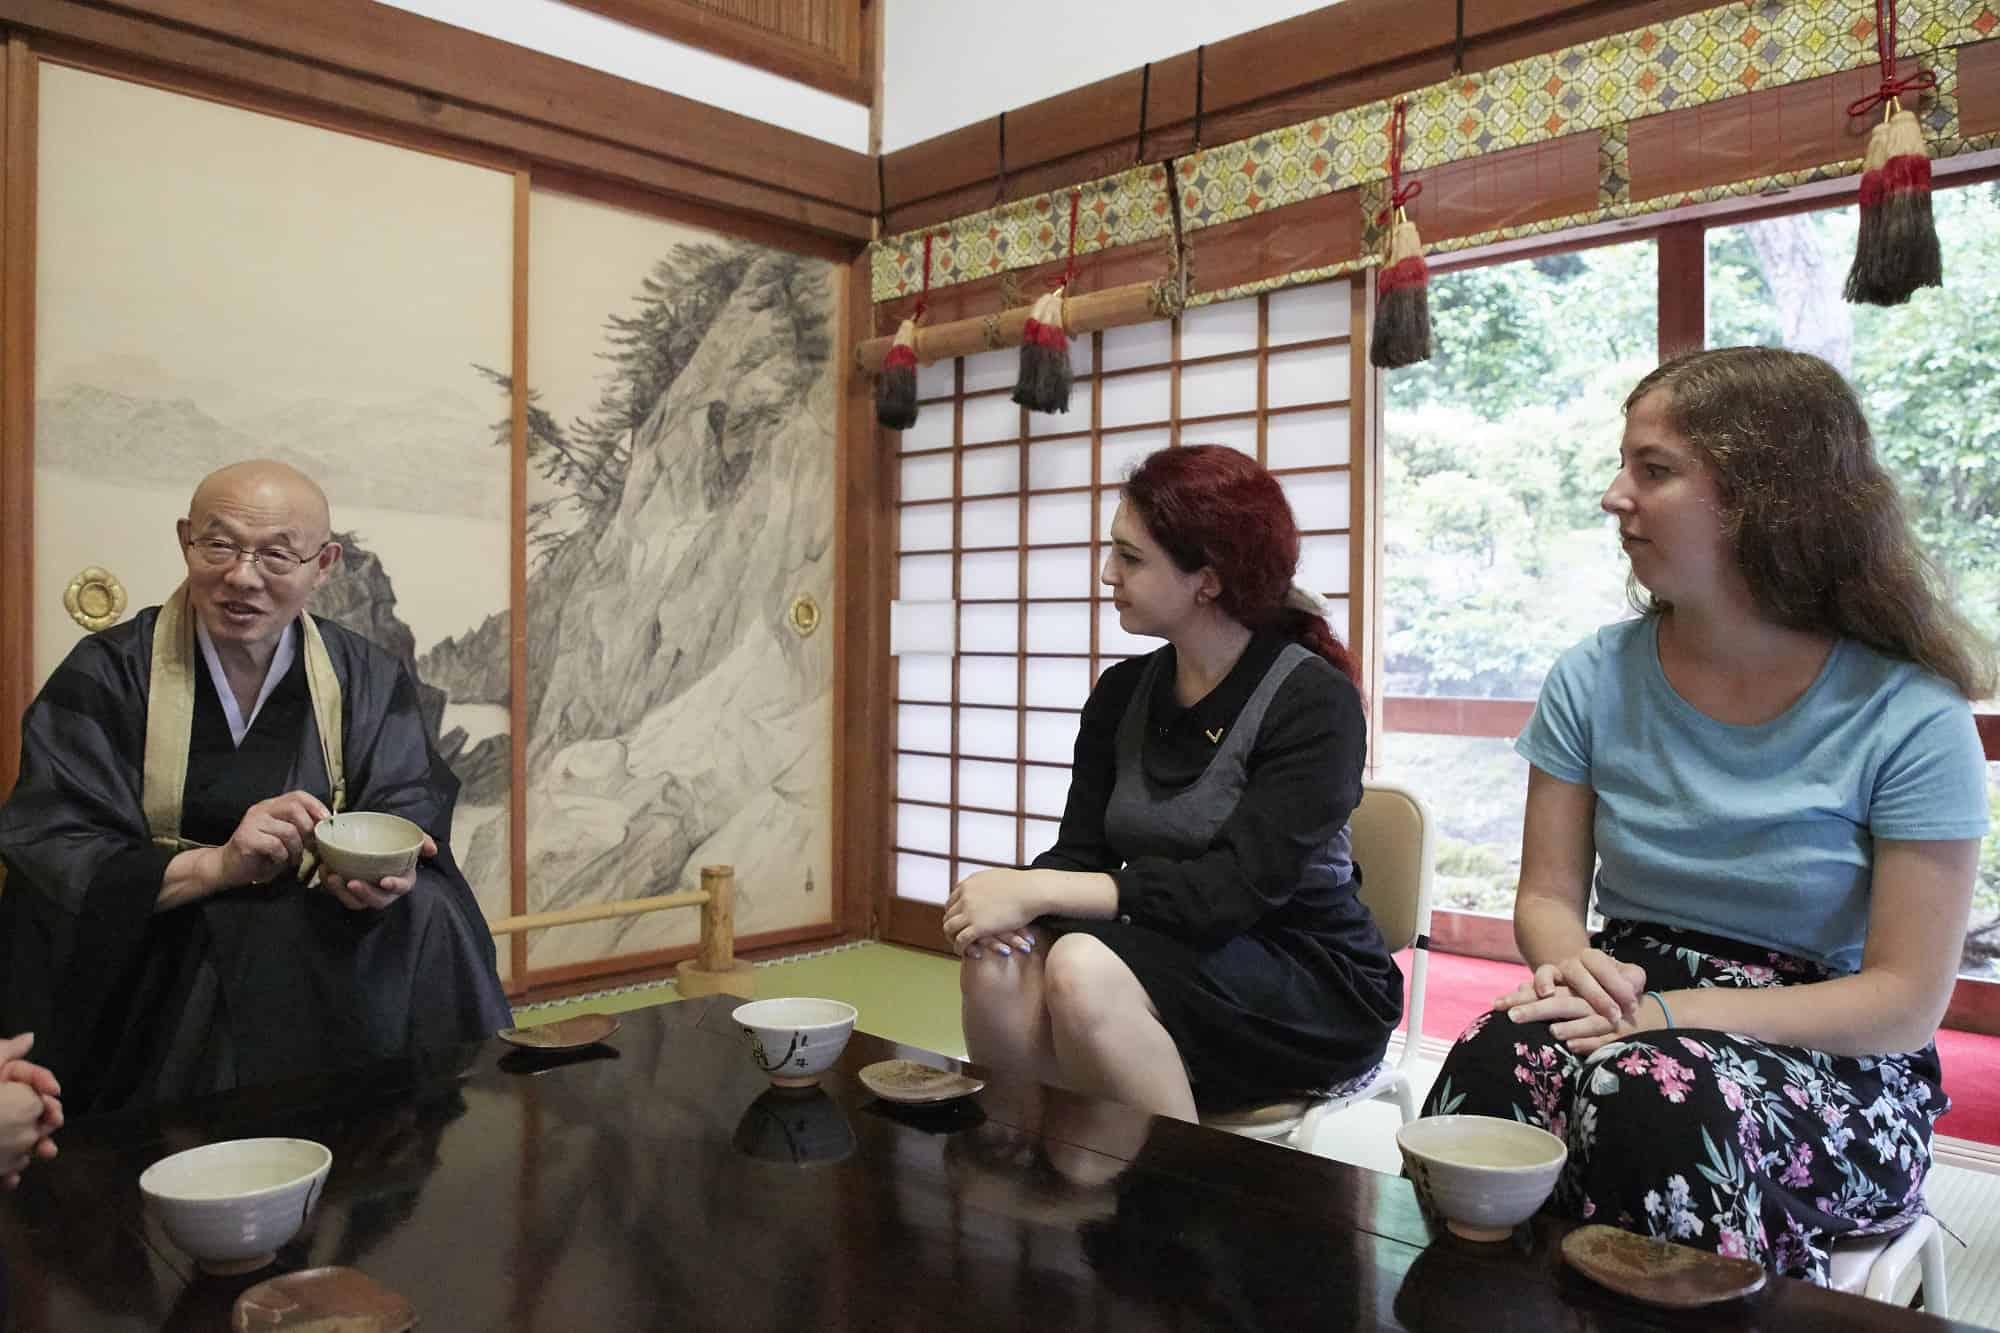 Gokurakuji Temple กิจกรรมคุยกับพระ ณ คิโนะซากิออนเซ็น